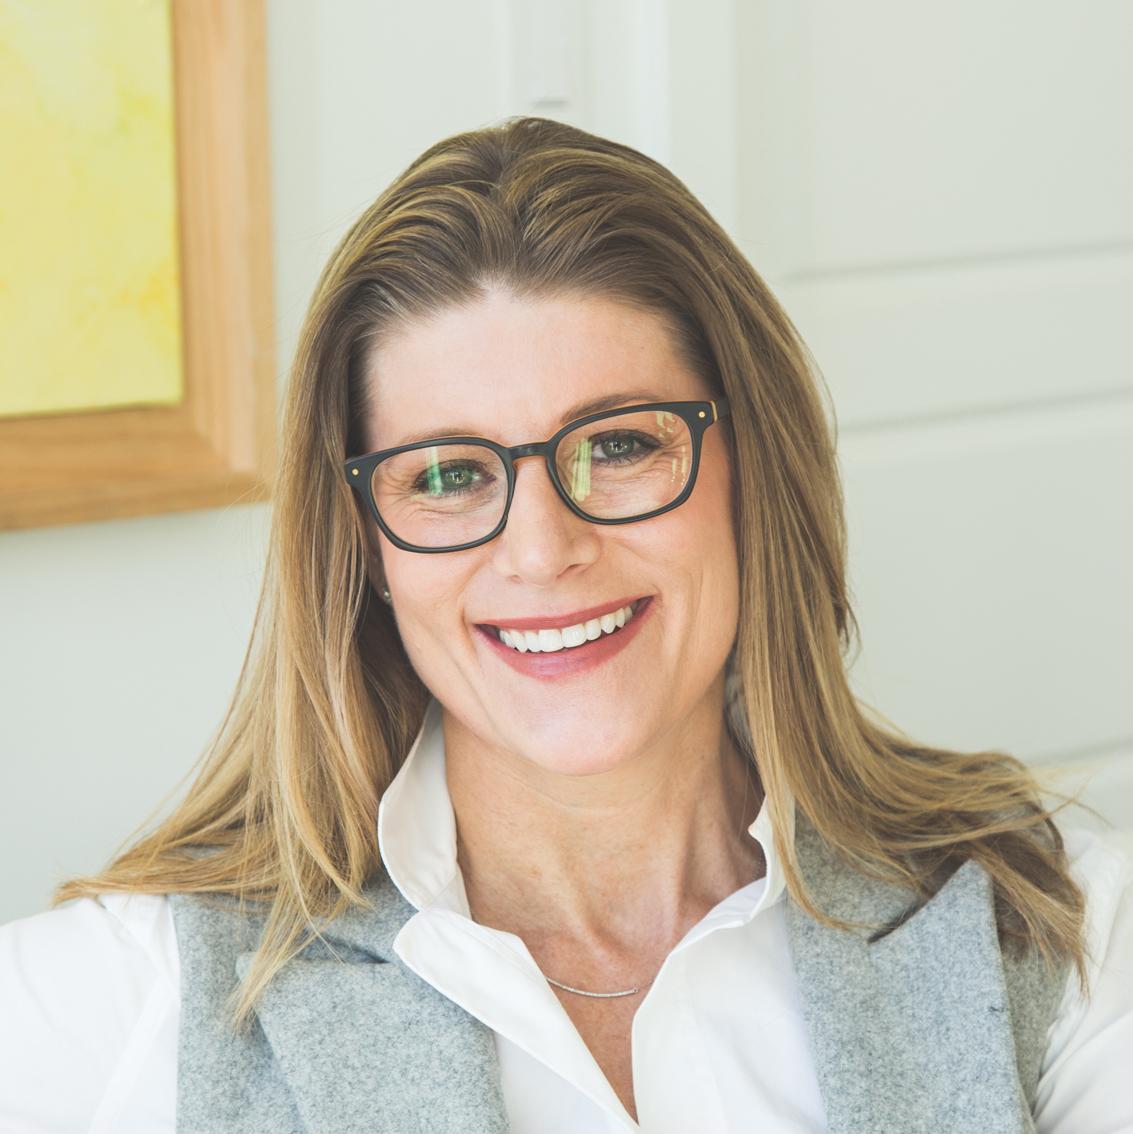 Rachel Schindler